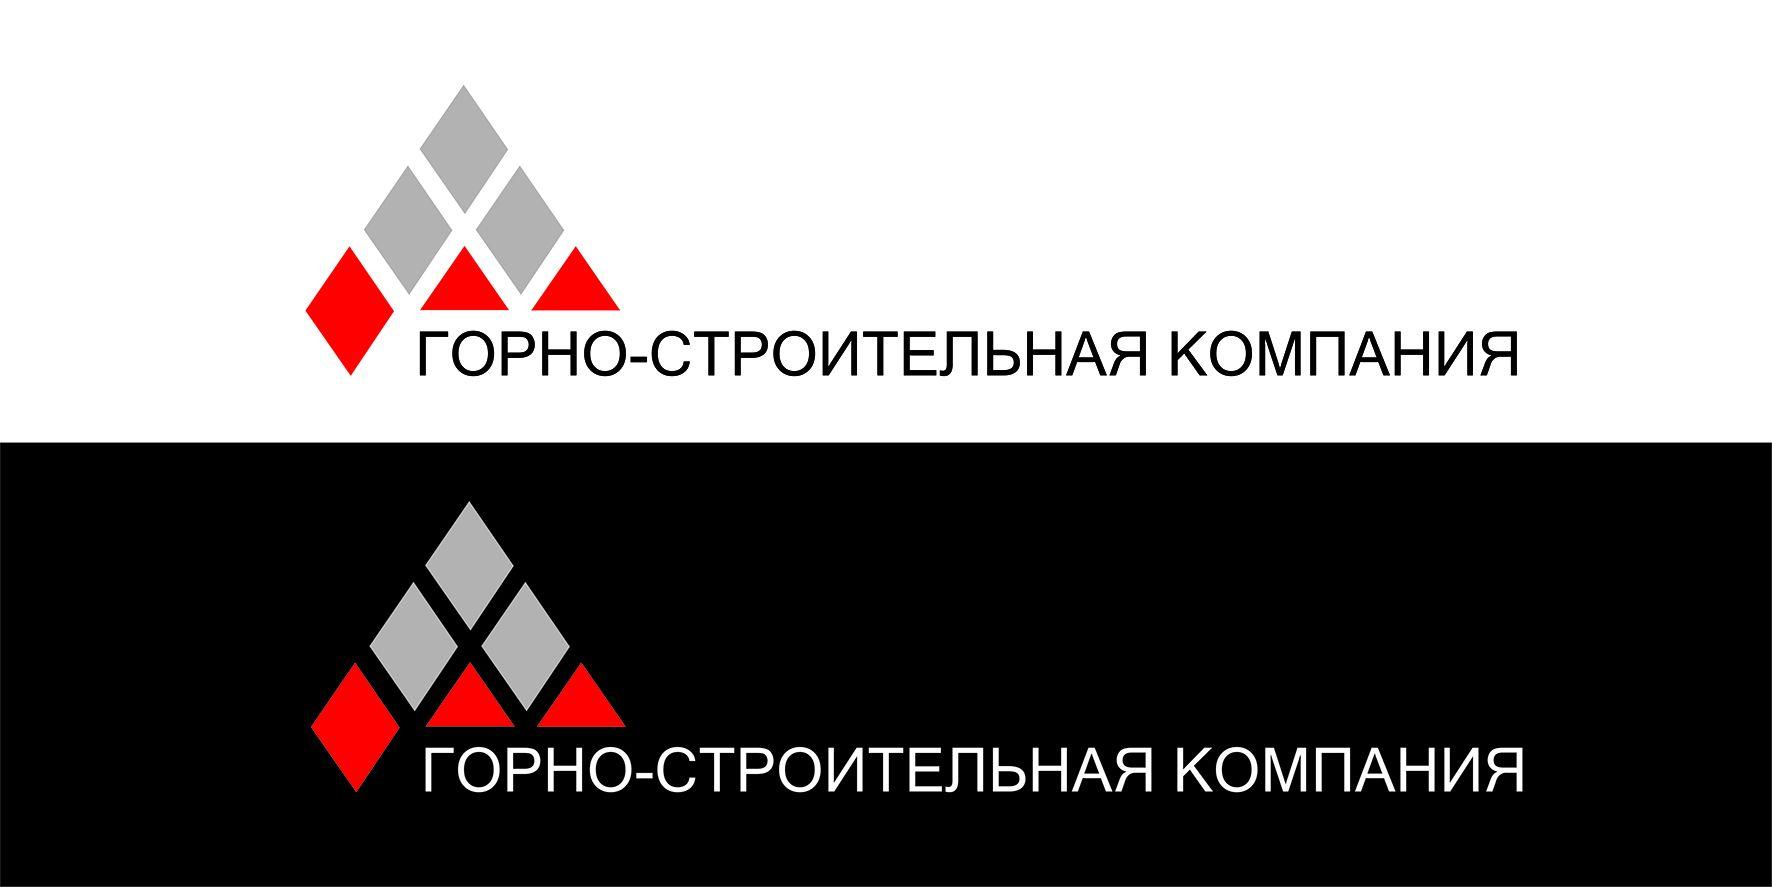 Логотип для Горно-Строительной Компании - дизайнер Lena_Da